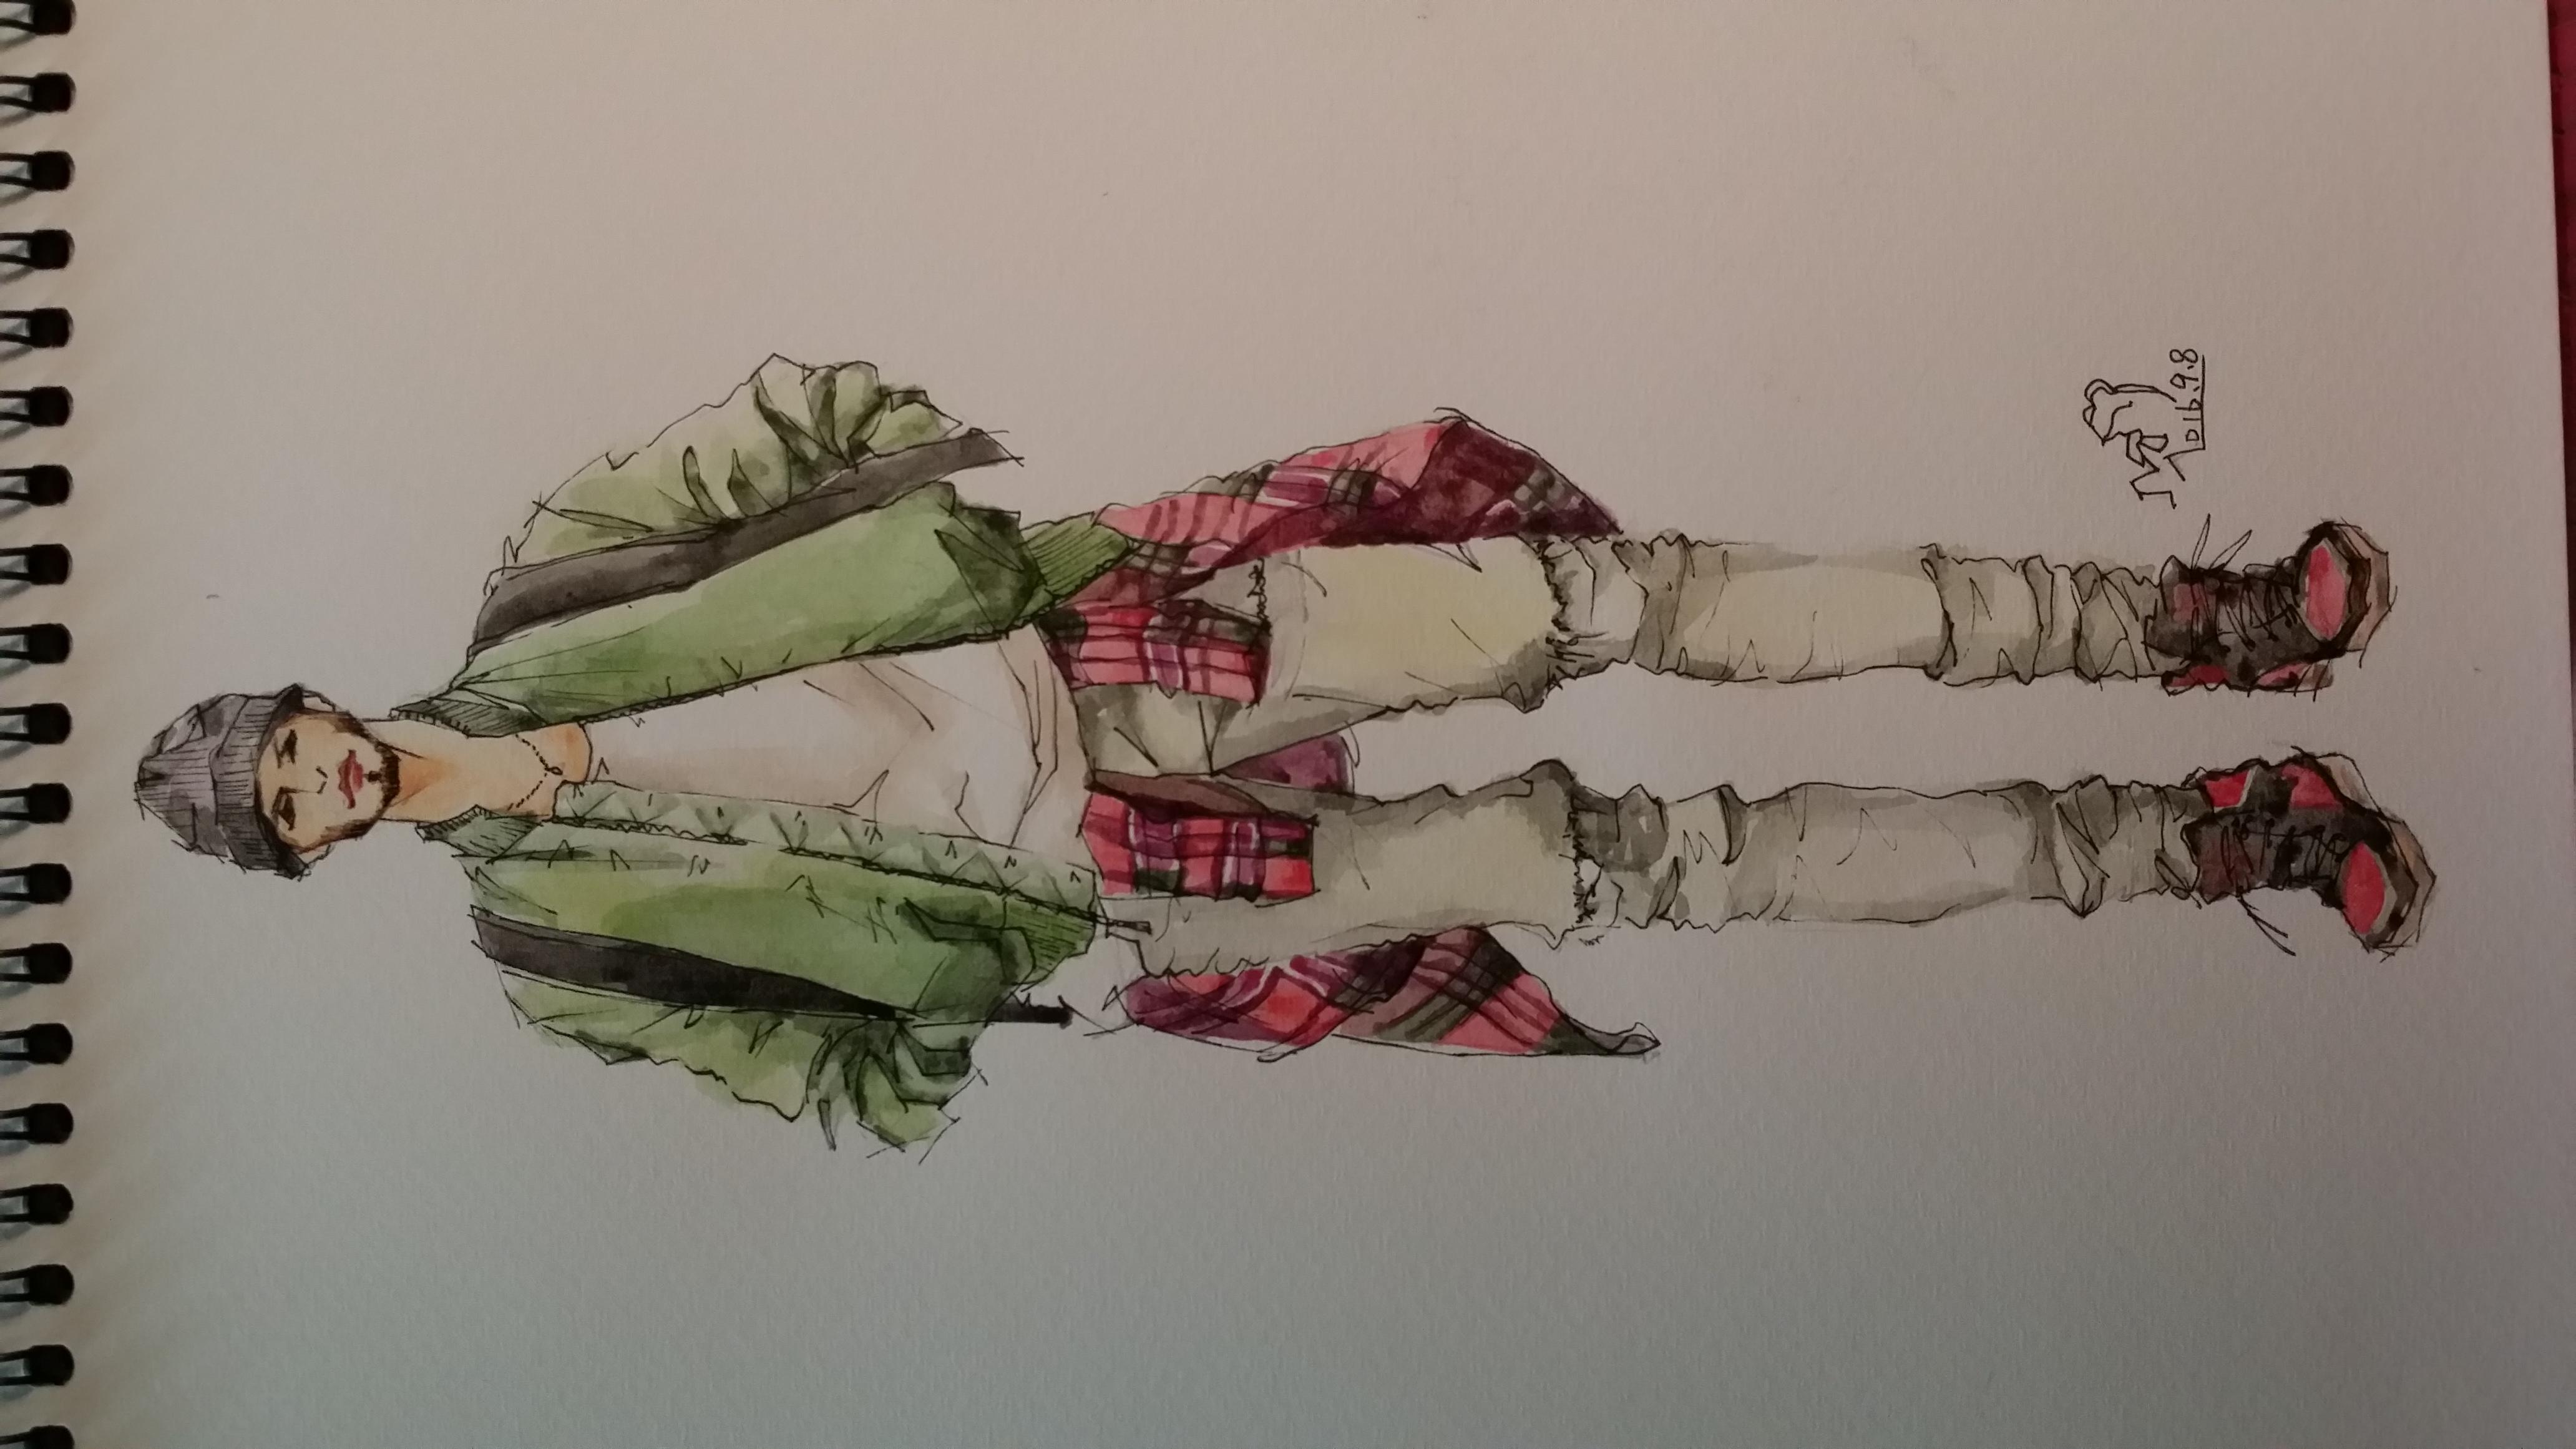 手绘时装插画(男装)|服装|休闲/流行服饰|箐蛙 - 原创